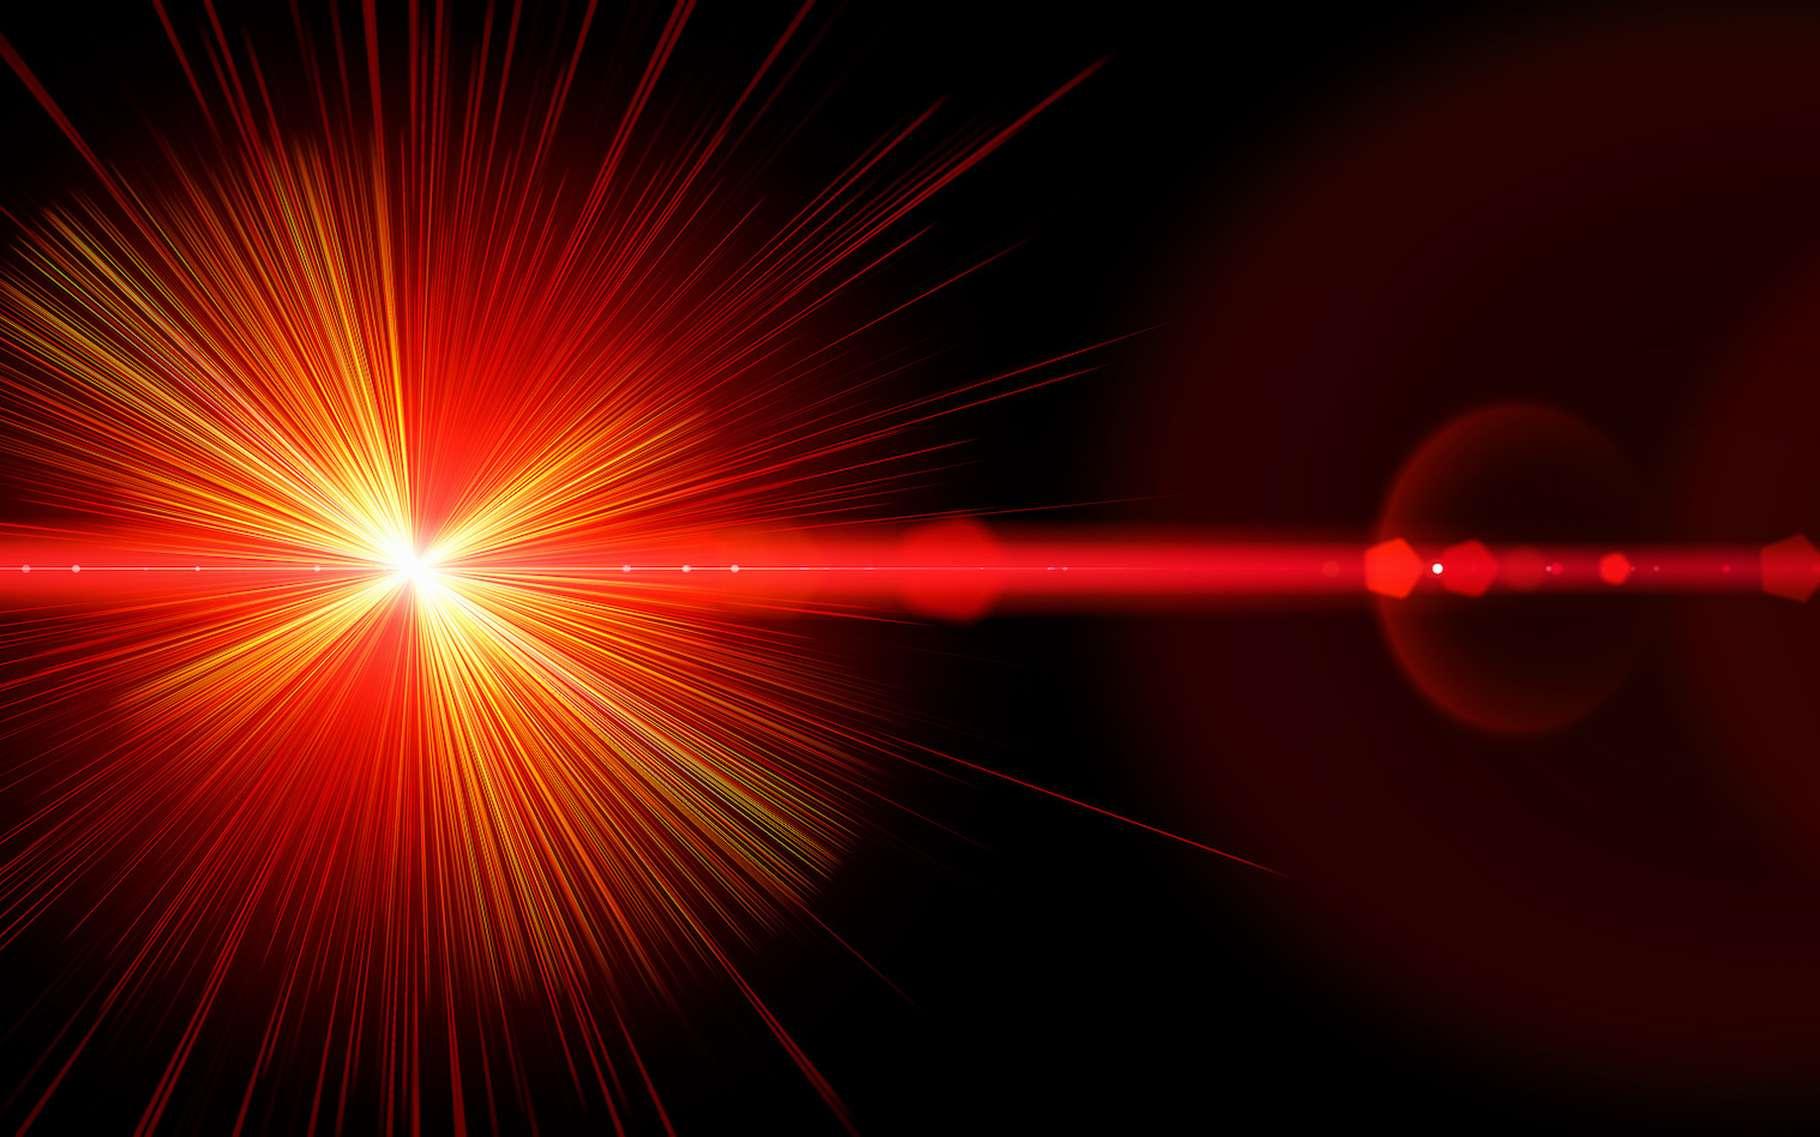 Des physiciens ont observé un changement d'état dans un matériau soumis uniquement à un bref flash laser. © psdesign1, Fotolia